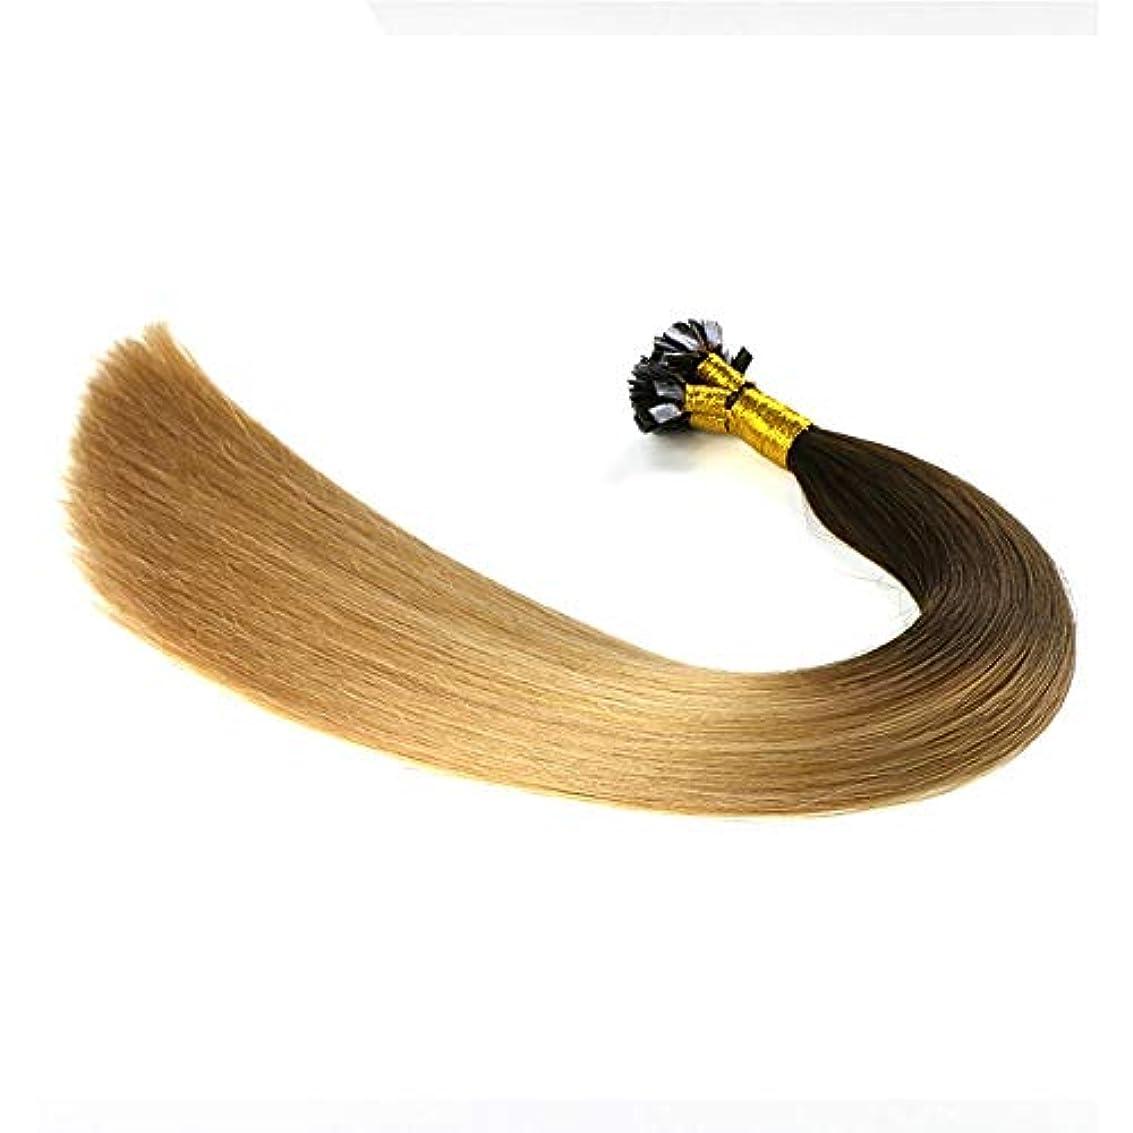 辞書アカデミーパトロールWASAIO ヘアエクステンションクリップのシームレスな髪型ナノリングオンブルトップ金ぴかブラウンボトムハイライトブロンドダブル描かれた人間の髪 (色 : Blonde, サイズ : 24 inch)